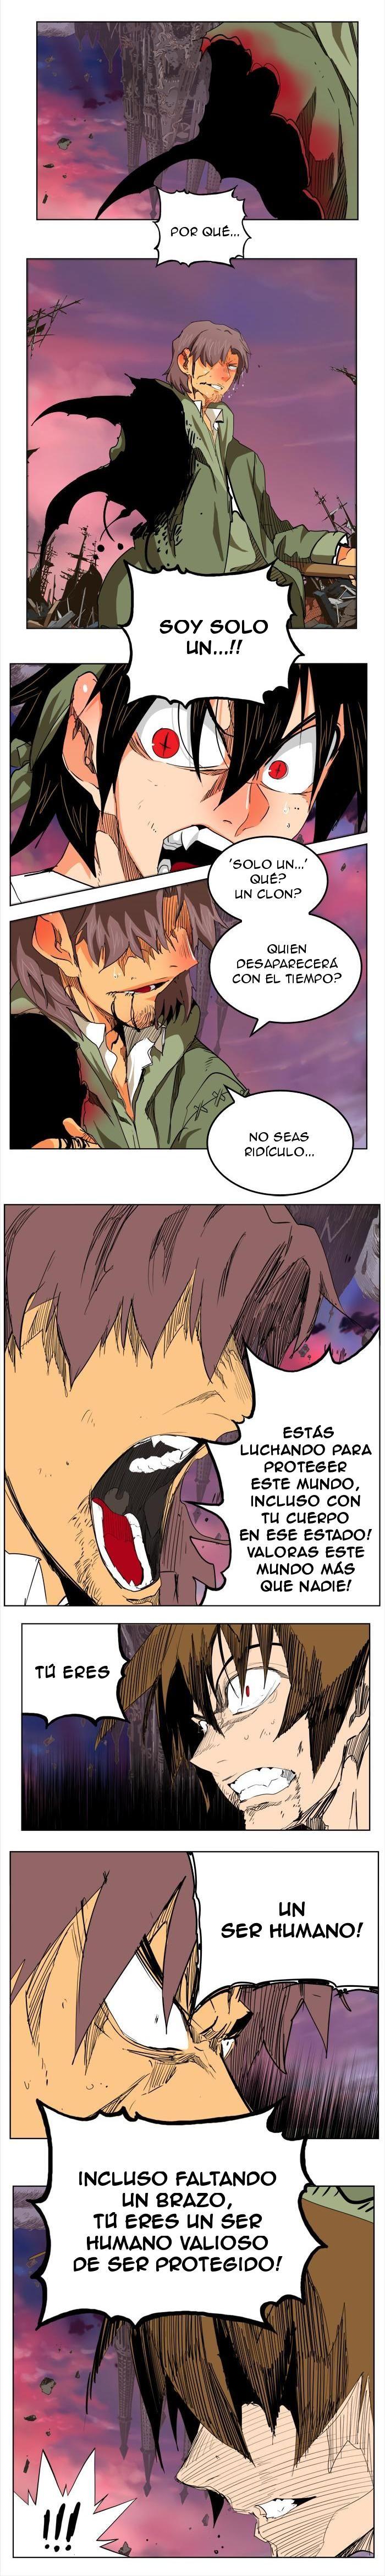 http://c5.ninemanga.com/es_manga/pic2/37/485/503973/edd351803703cf8ad79c194ea5f6d385.jpg Page 4